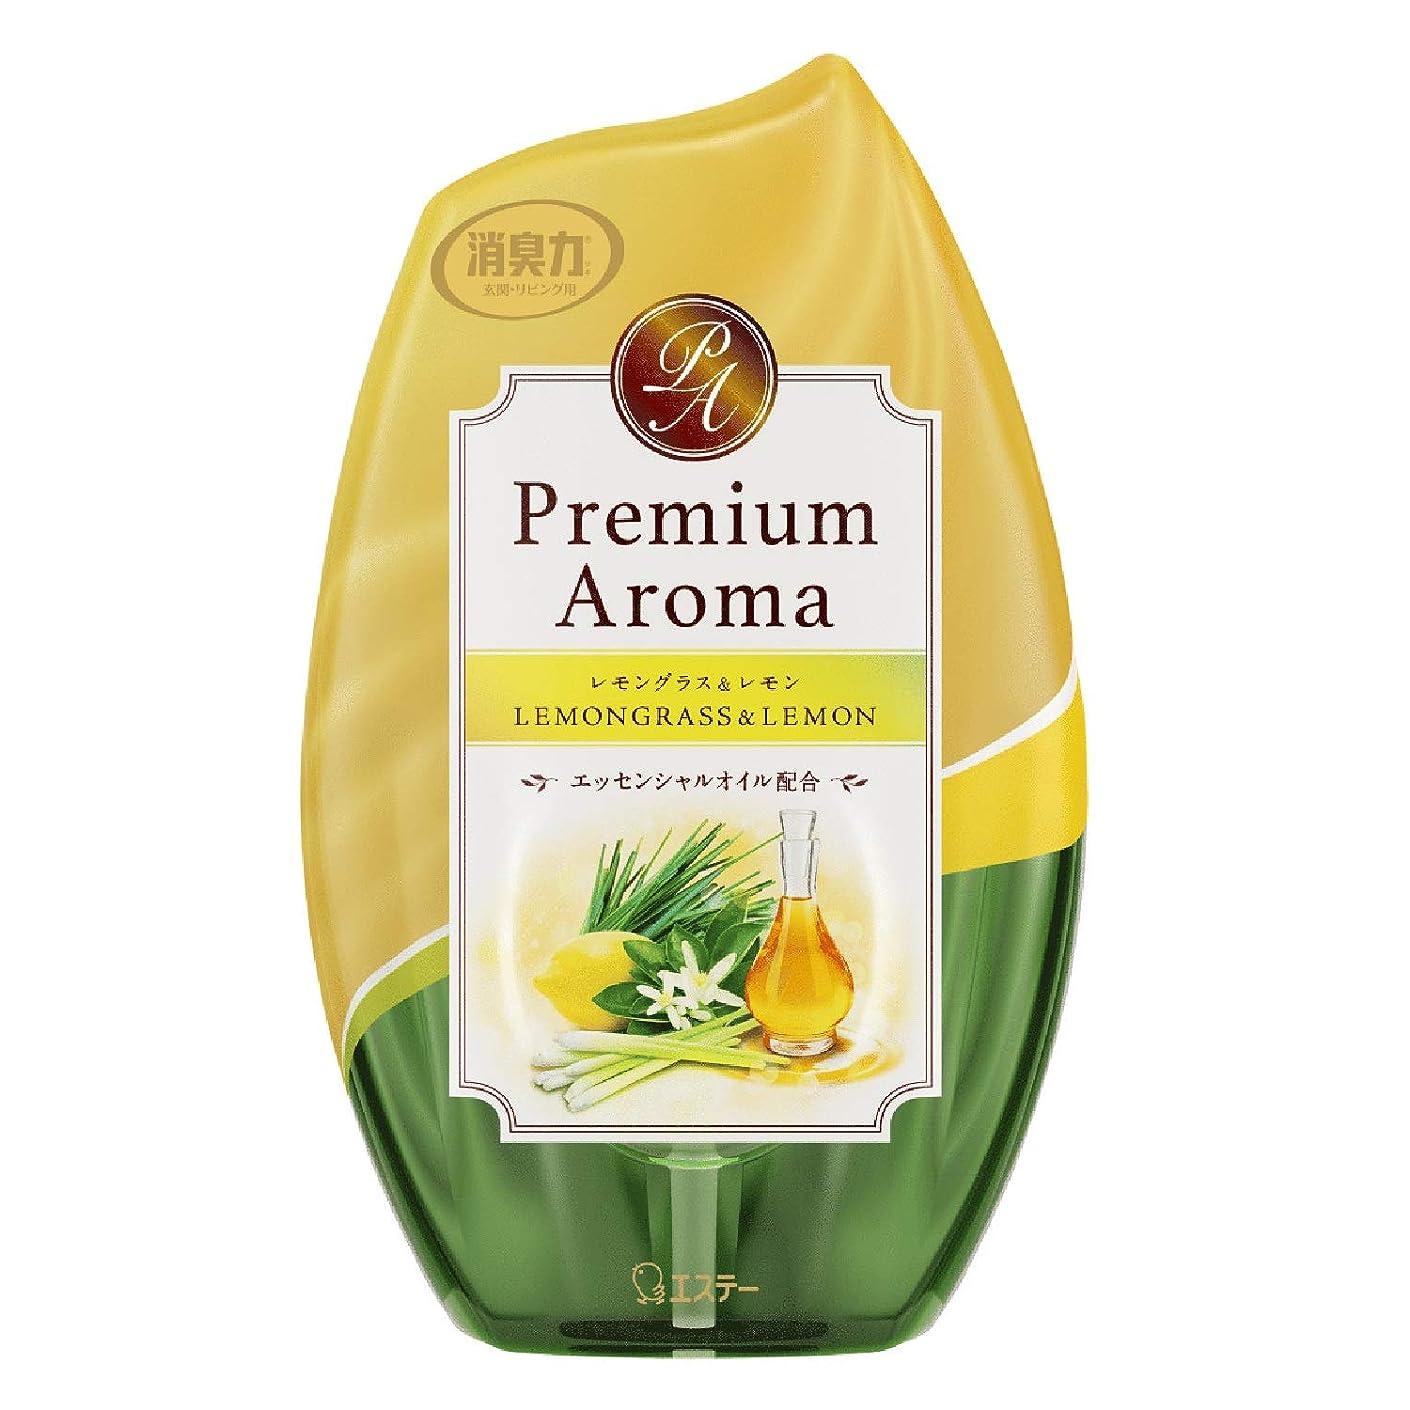 マーティンルーサーキングジュニア誕生受け皿お部屋の消臭力 Premium Aroma プレミアムアロマ 消臭芳香剤 玄関?部屋用 レモングラス&レモン 400mL